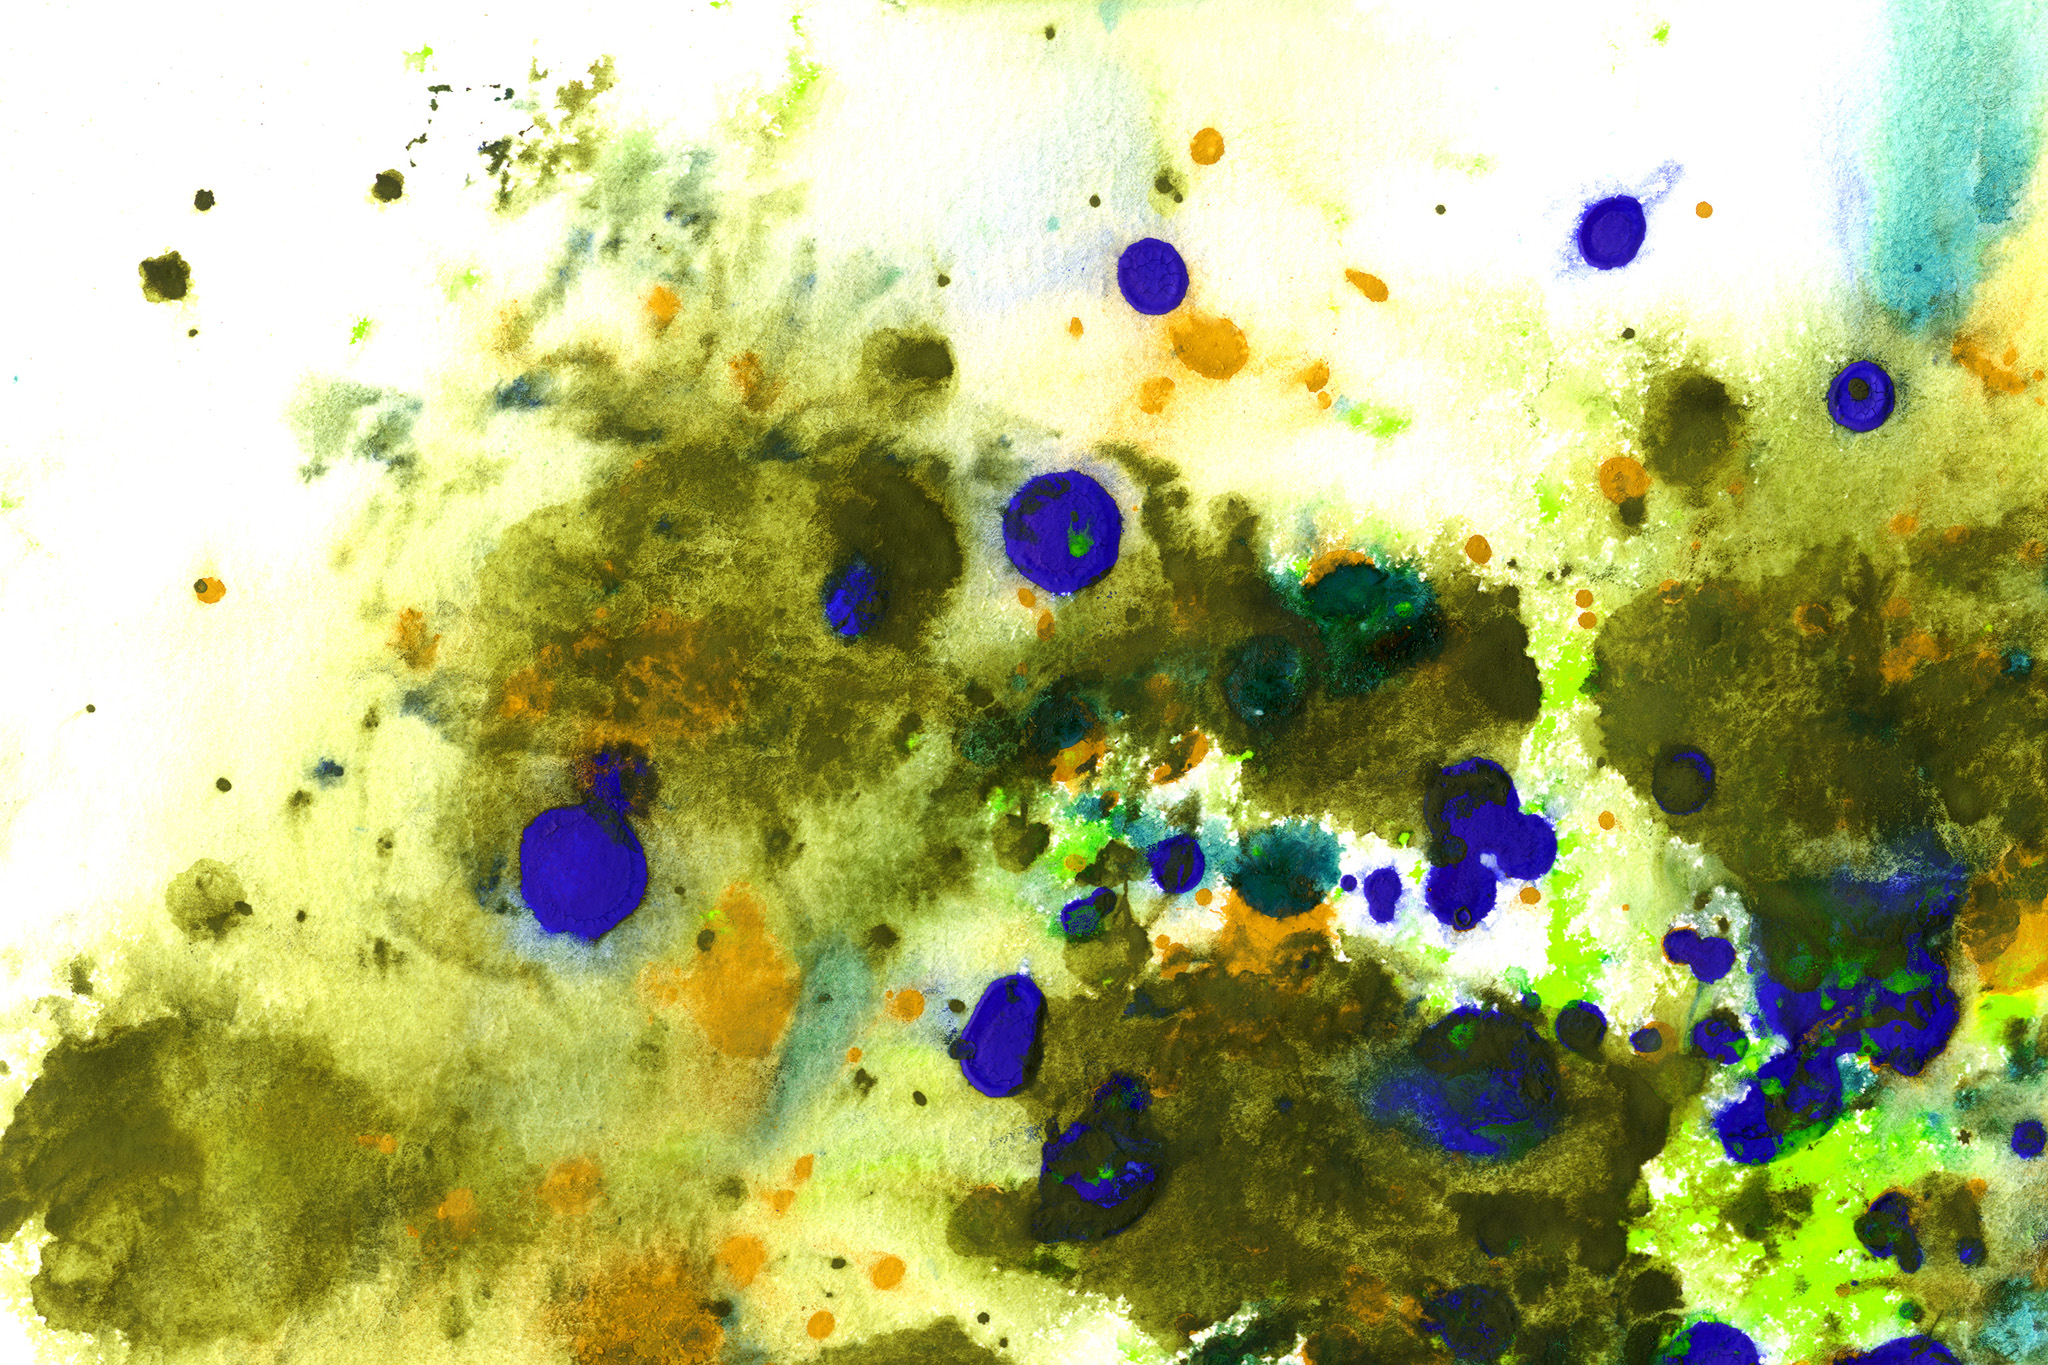 「掠れて濁る水彩のテクスチャ」のテクスチャを無料ダウンロード